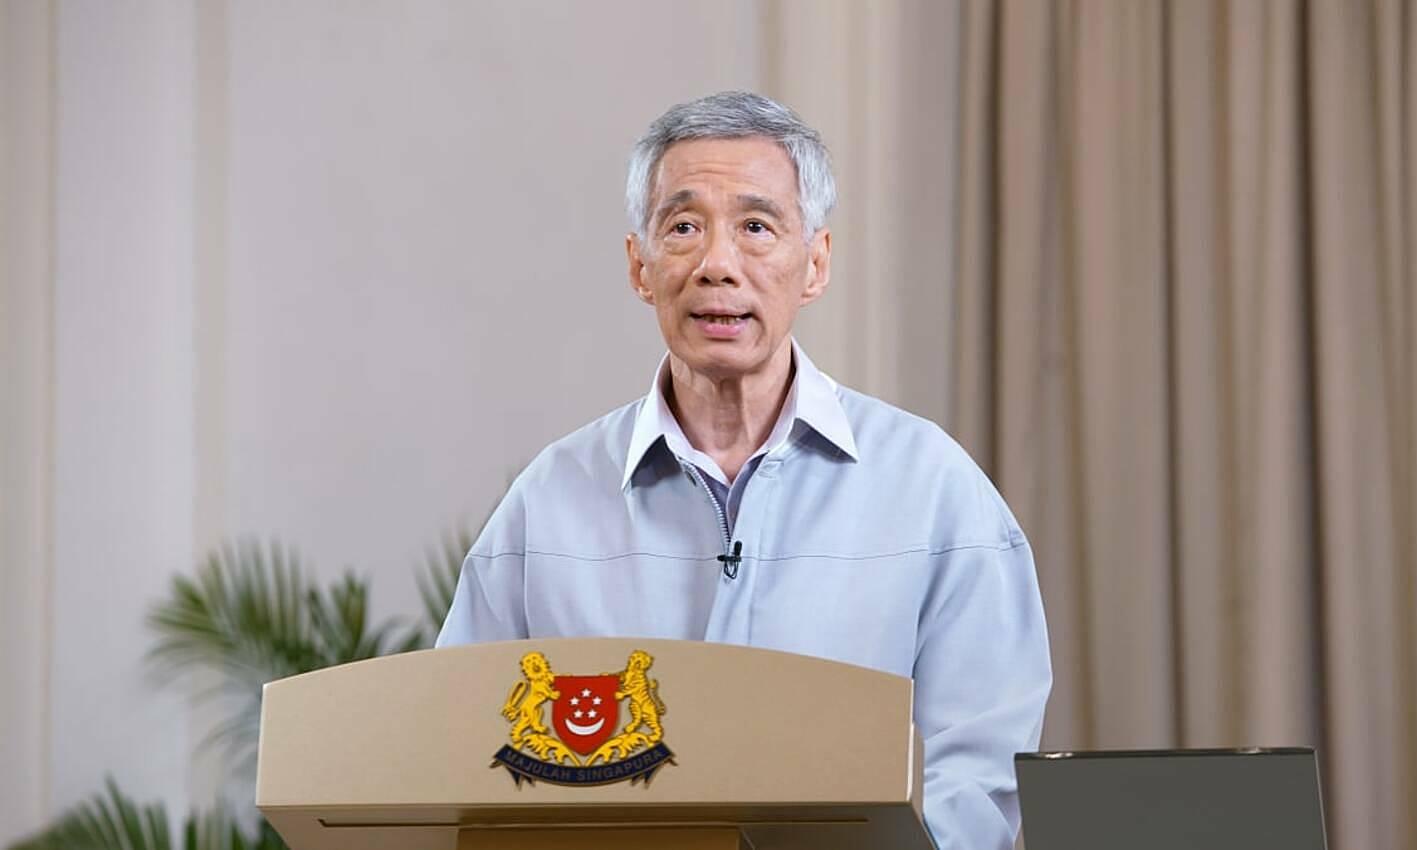 Thủ tướng Singapore Lý Hiển Long thông tin đến người dân đảo quốc về tình hình Covid-19 và chiến lực ứng phó ngày 9/10. Ảnh: Bộ Truyền thông và Thông tin Singapore.